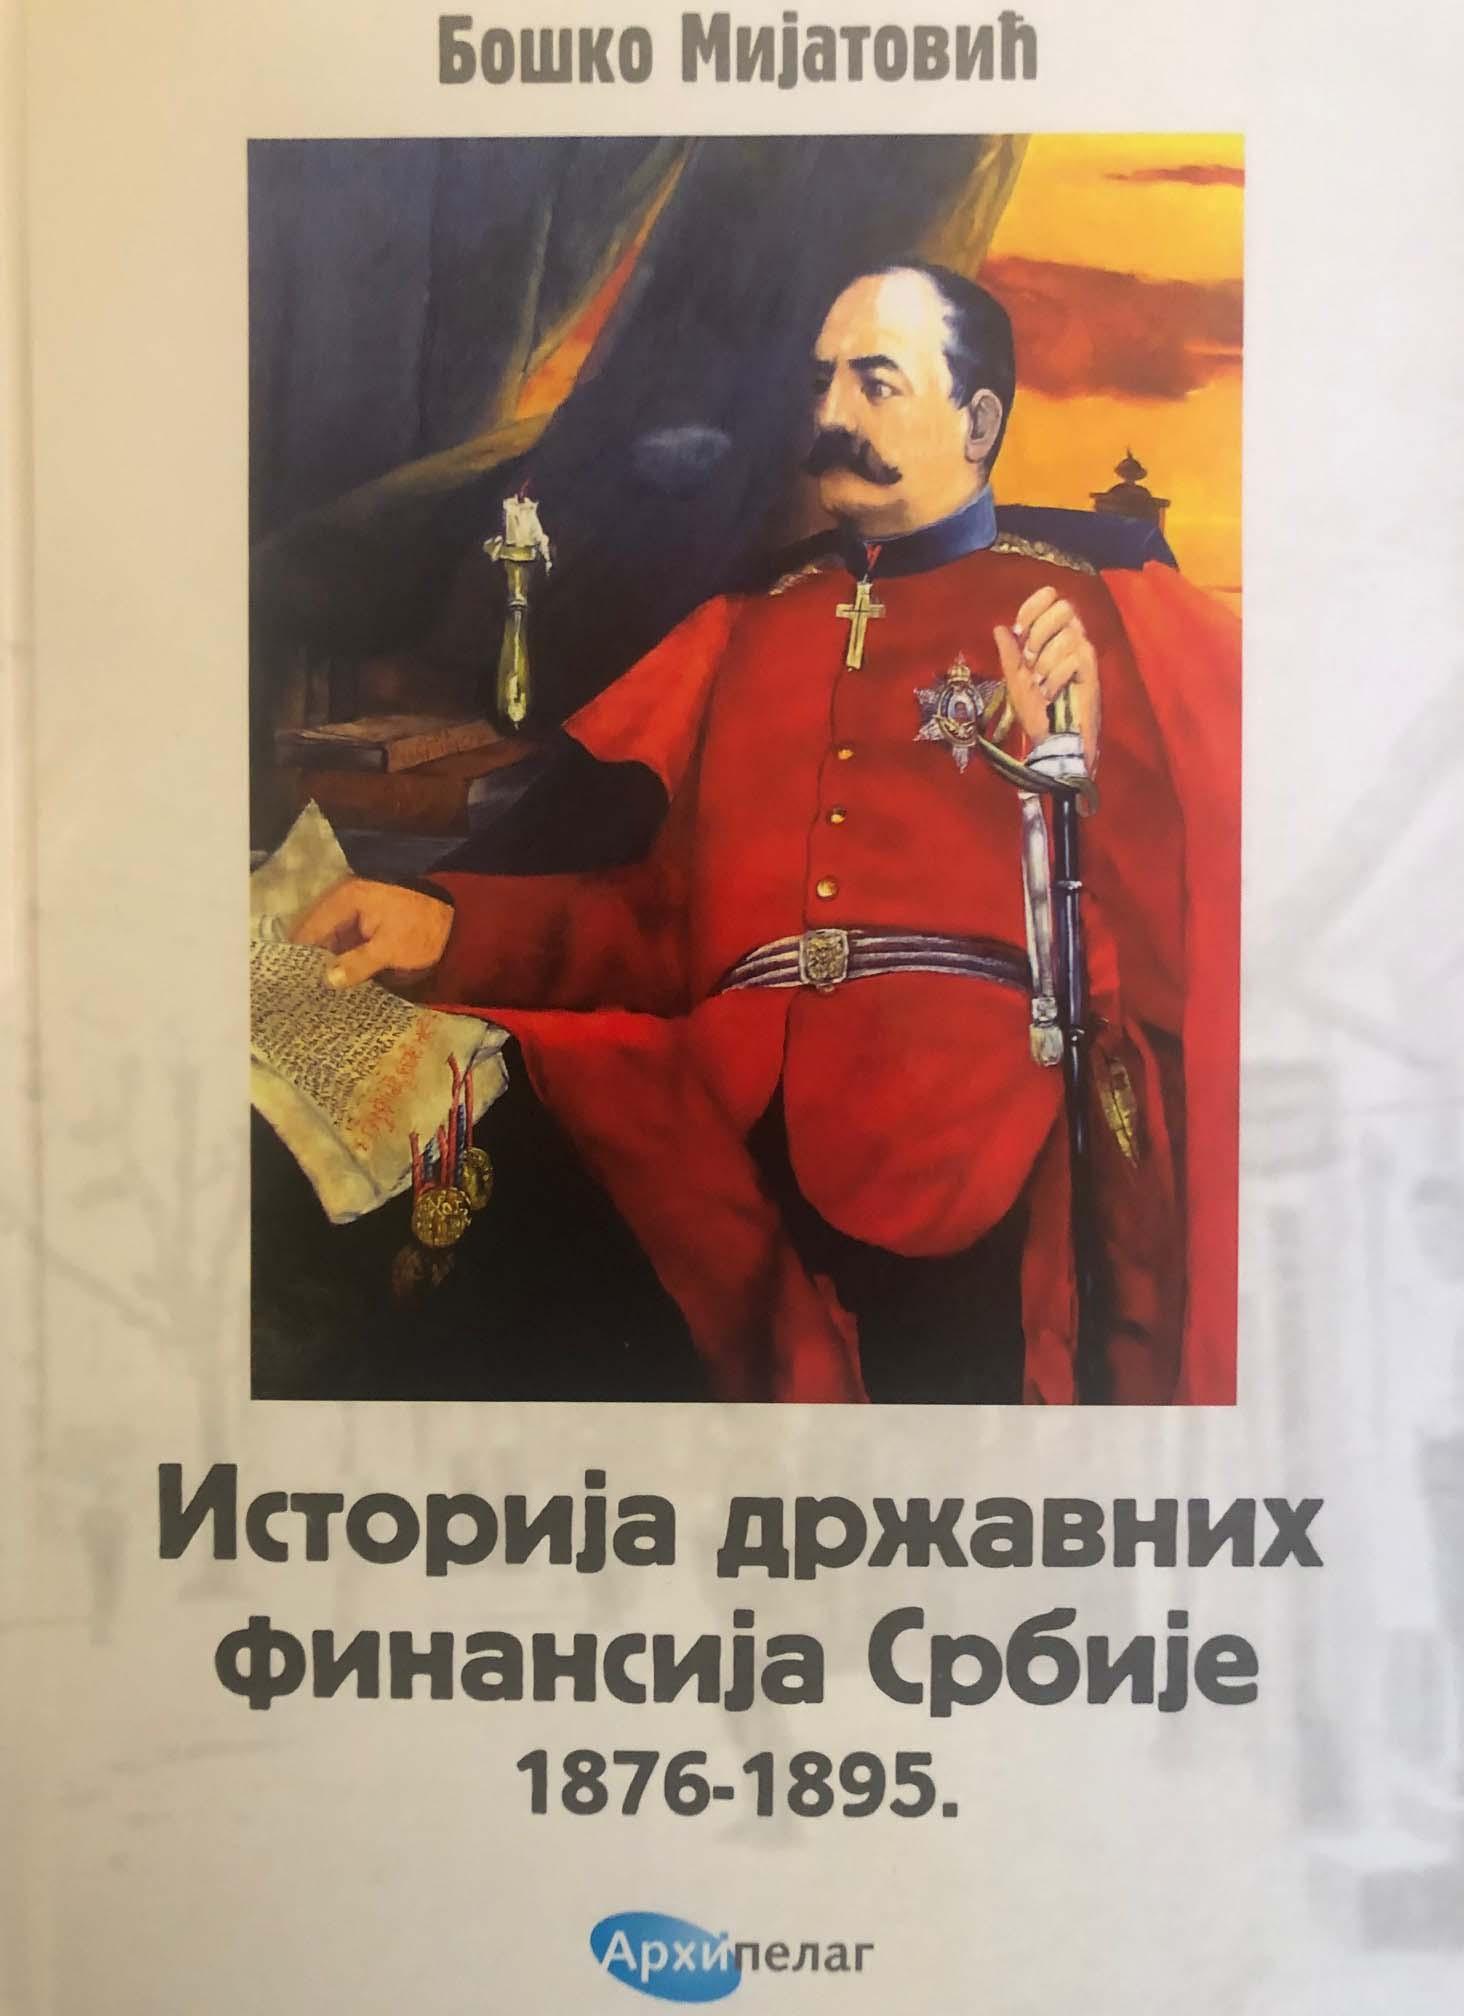 ISTORIJA DRŽAVNIH FINANSIJA SRBIJE 1876-1895